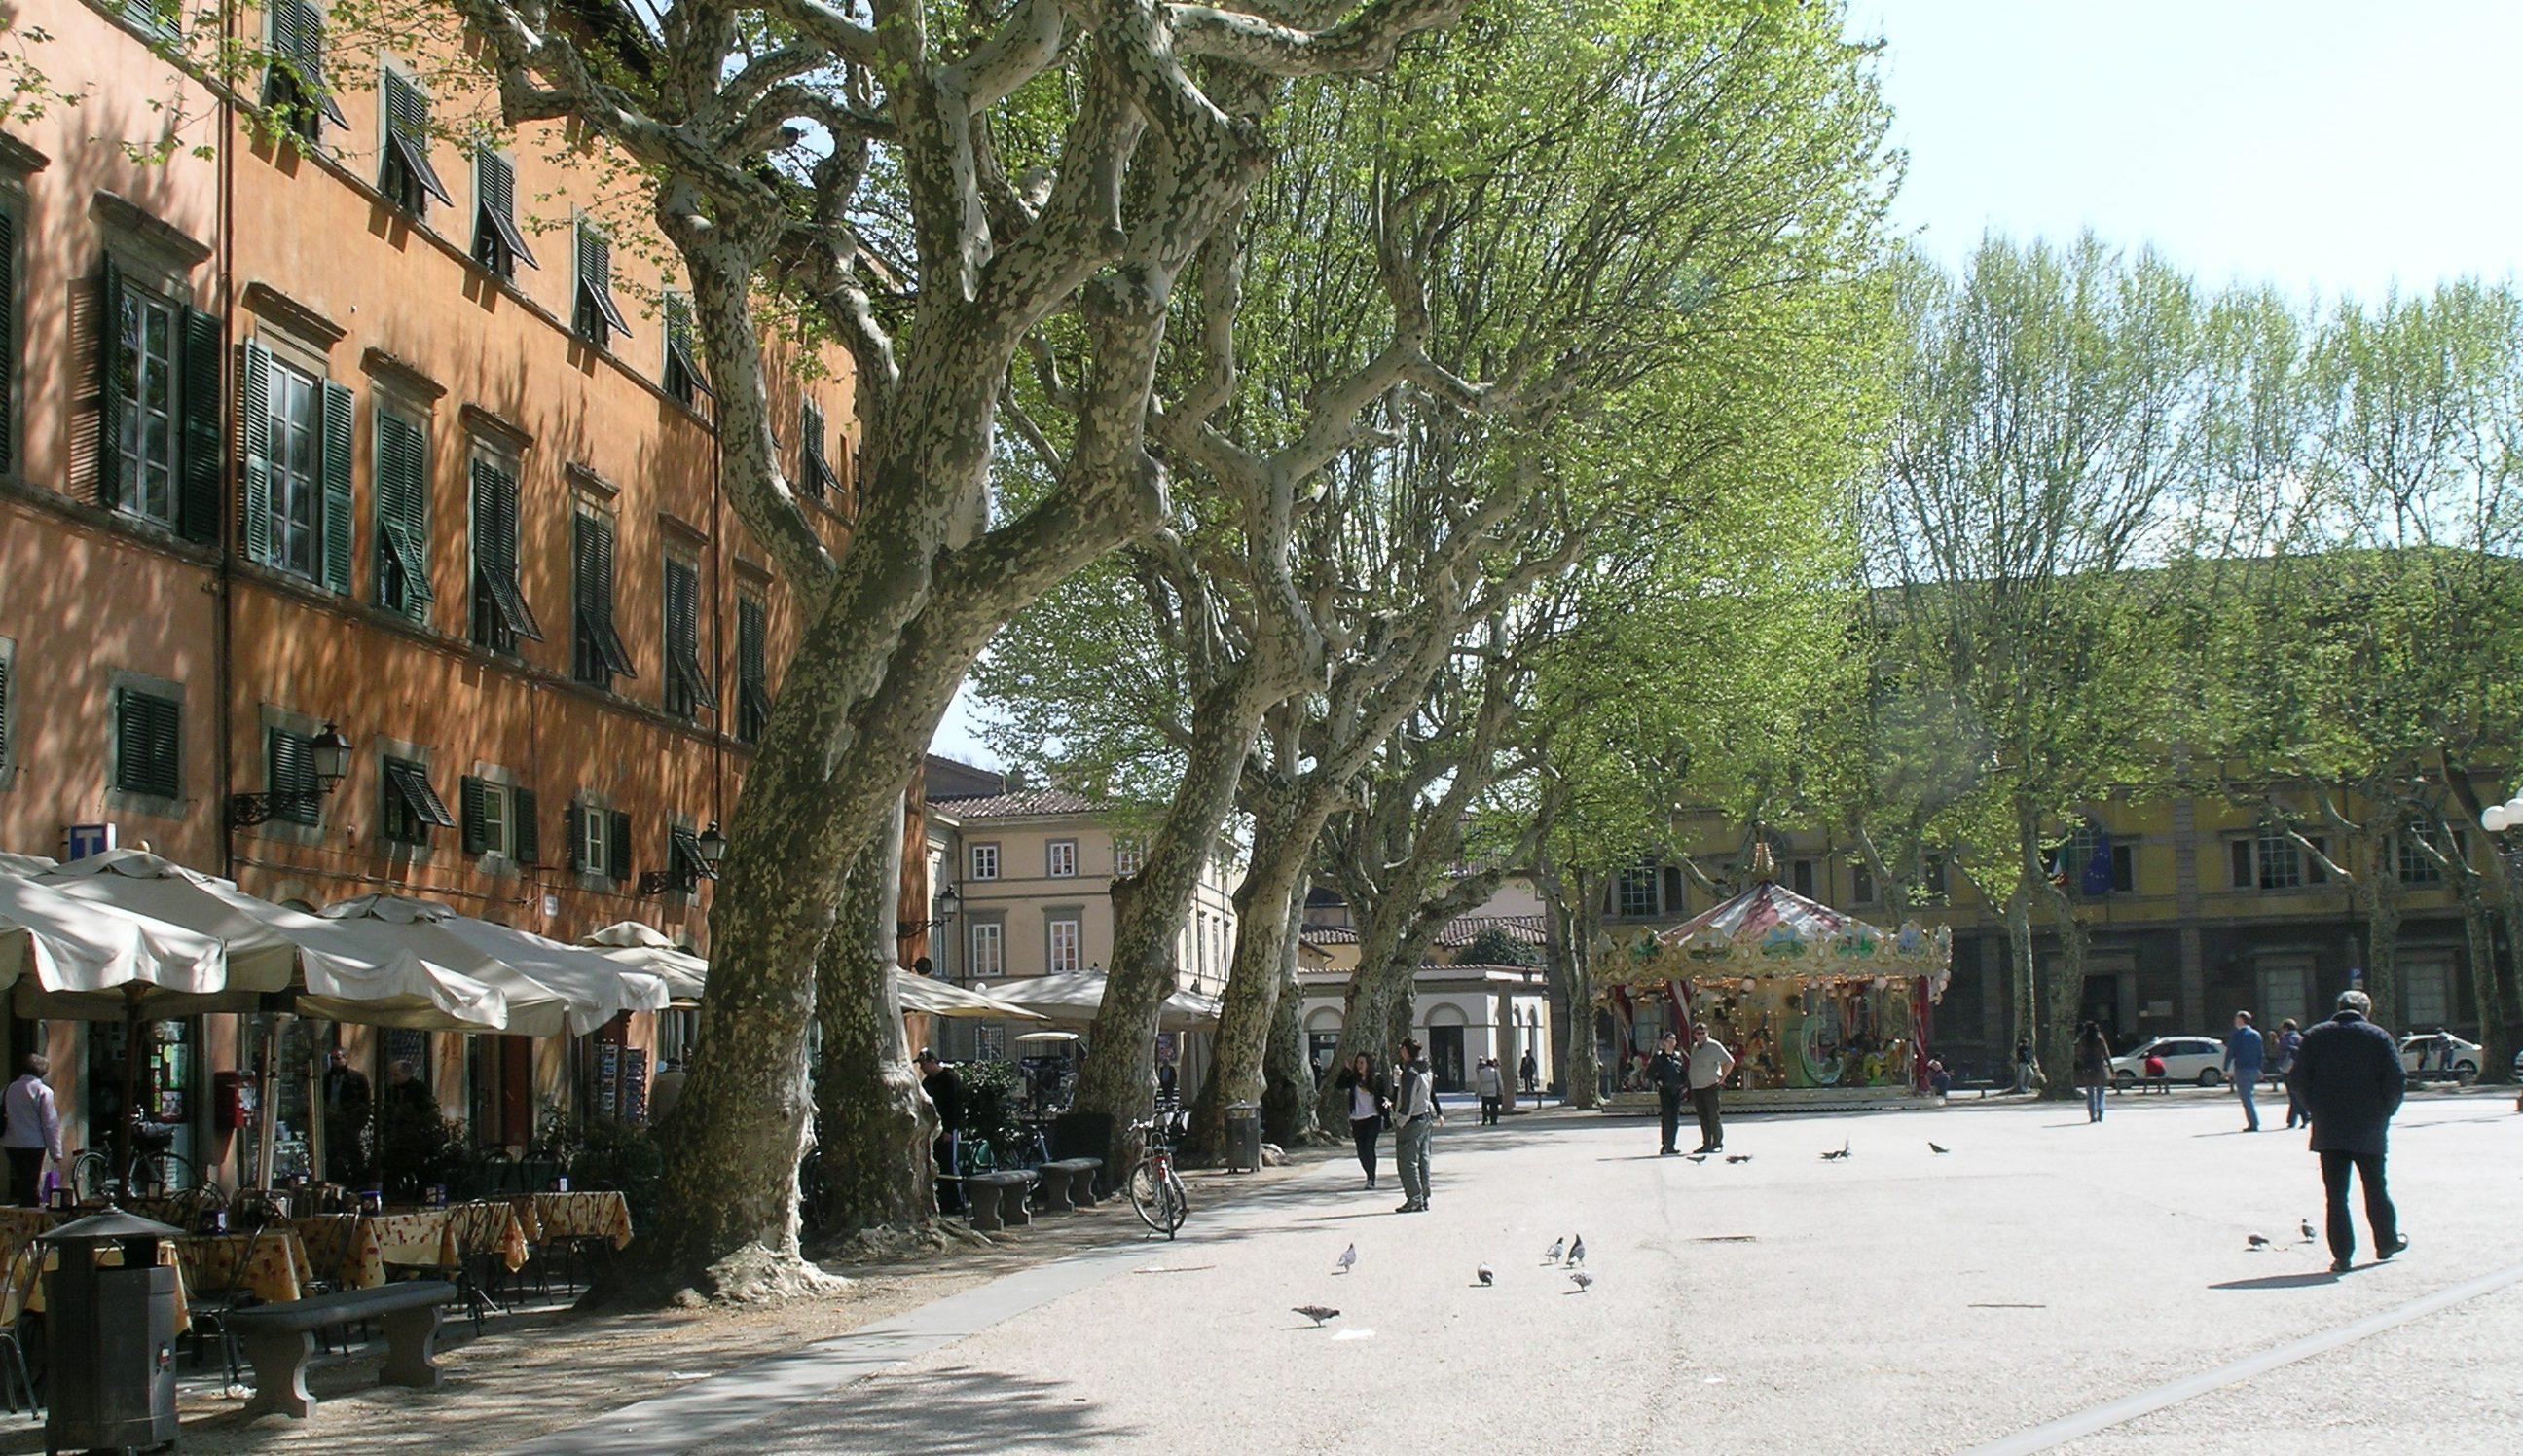 nel cuore del centro storico pedonale della città